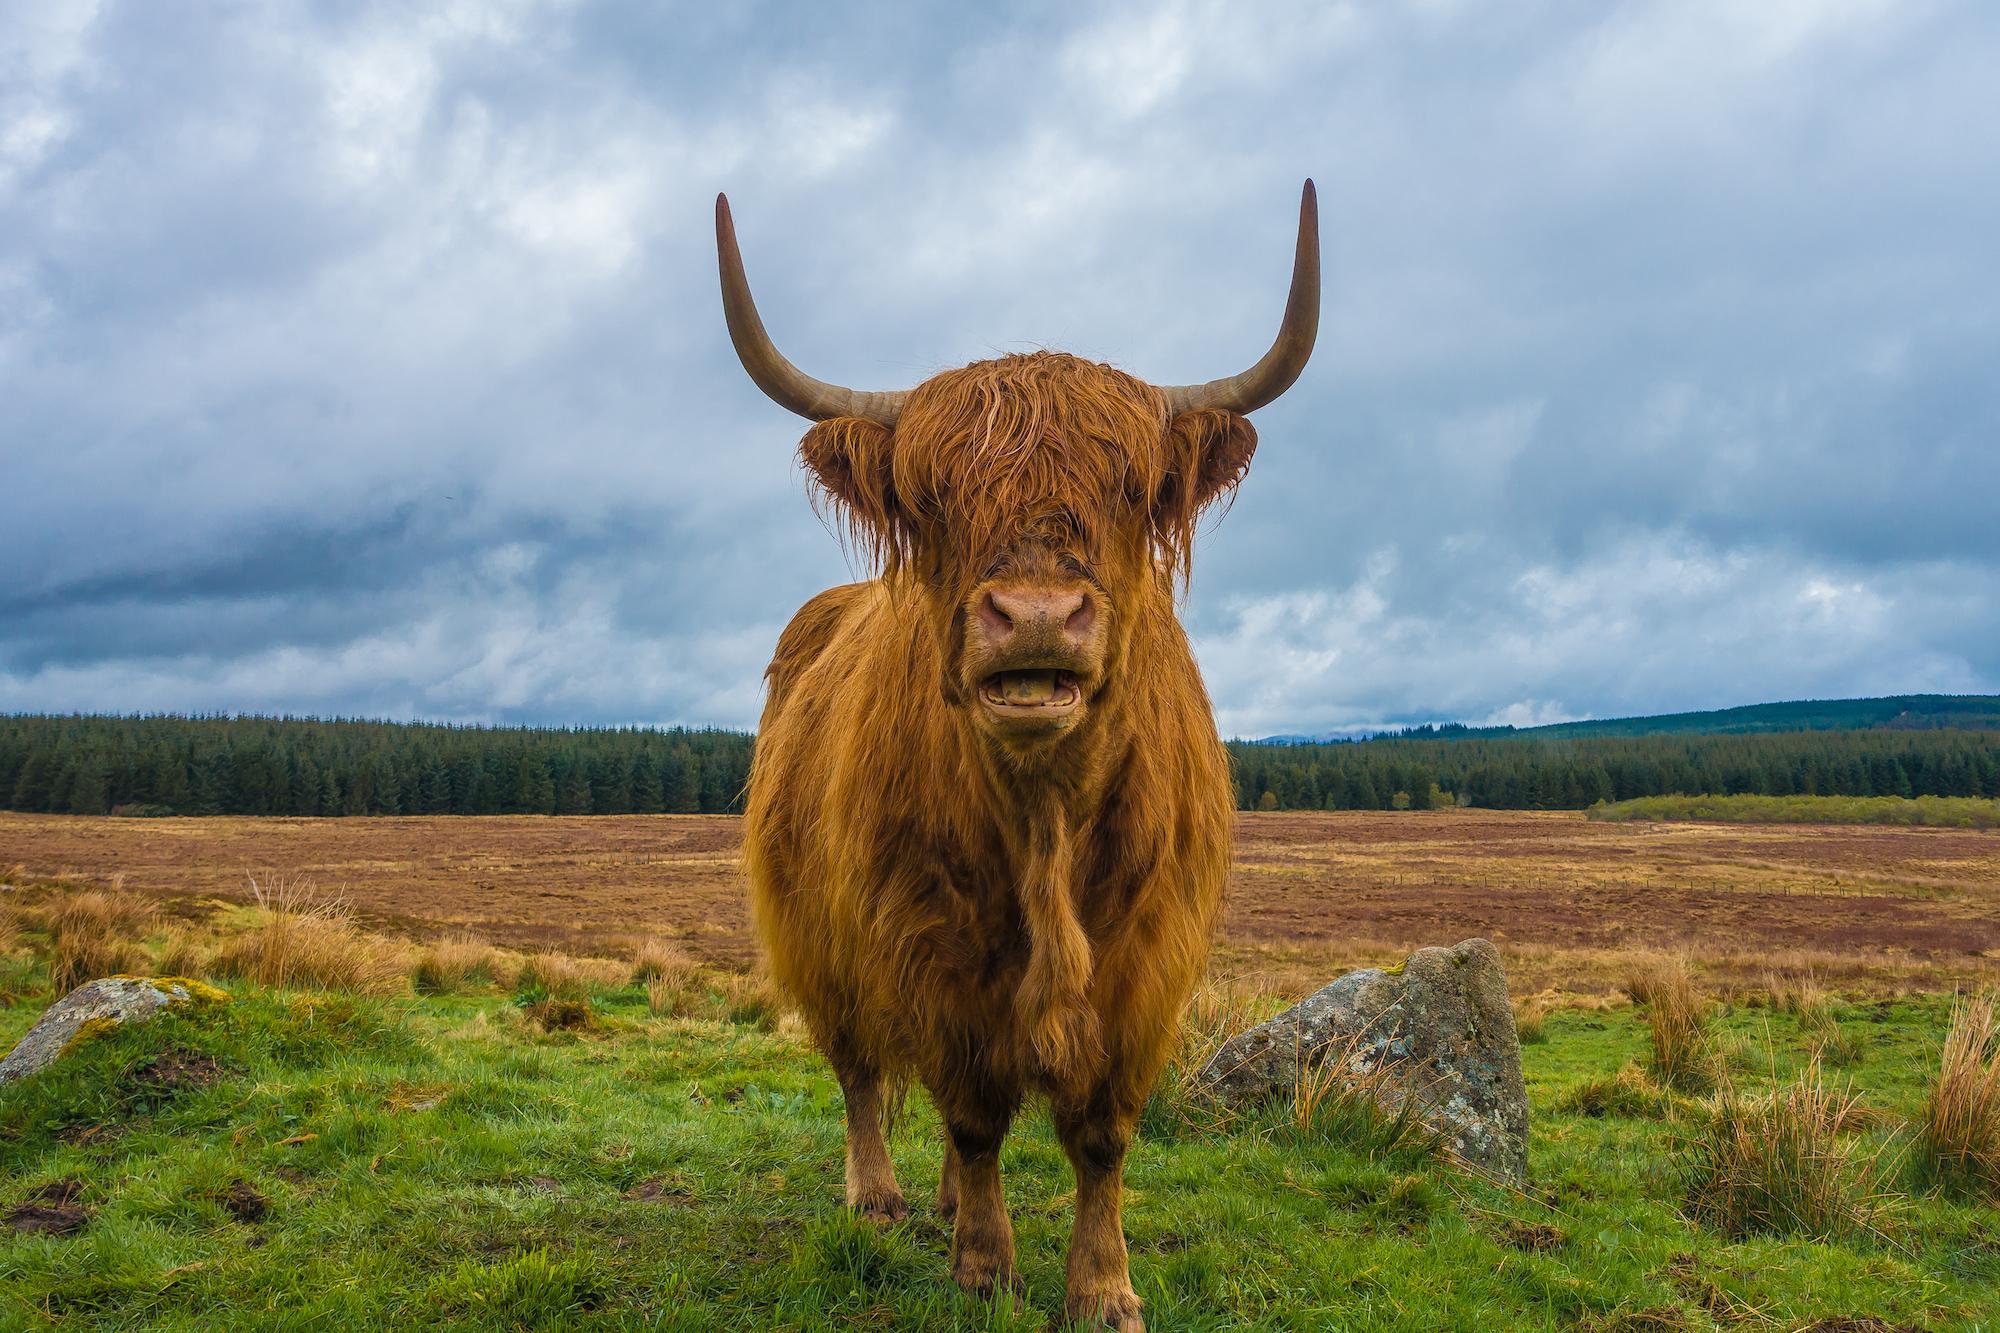 (171) Highland Cow in field near Dola, Bò Ghàidhealach, Heilan Coo, Bos (primigenius) taurus, Lairg, Scotland.jpg